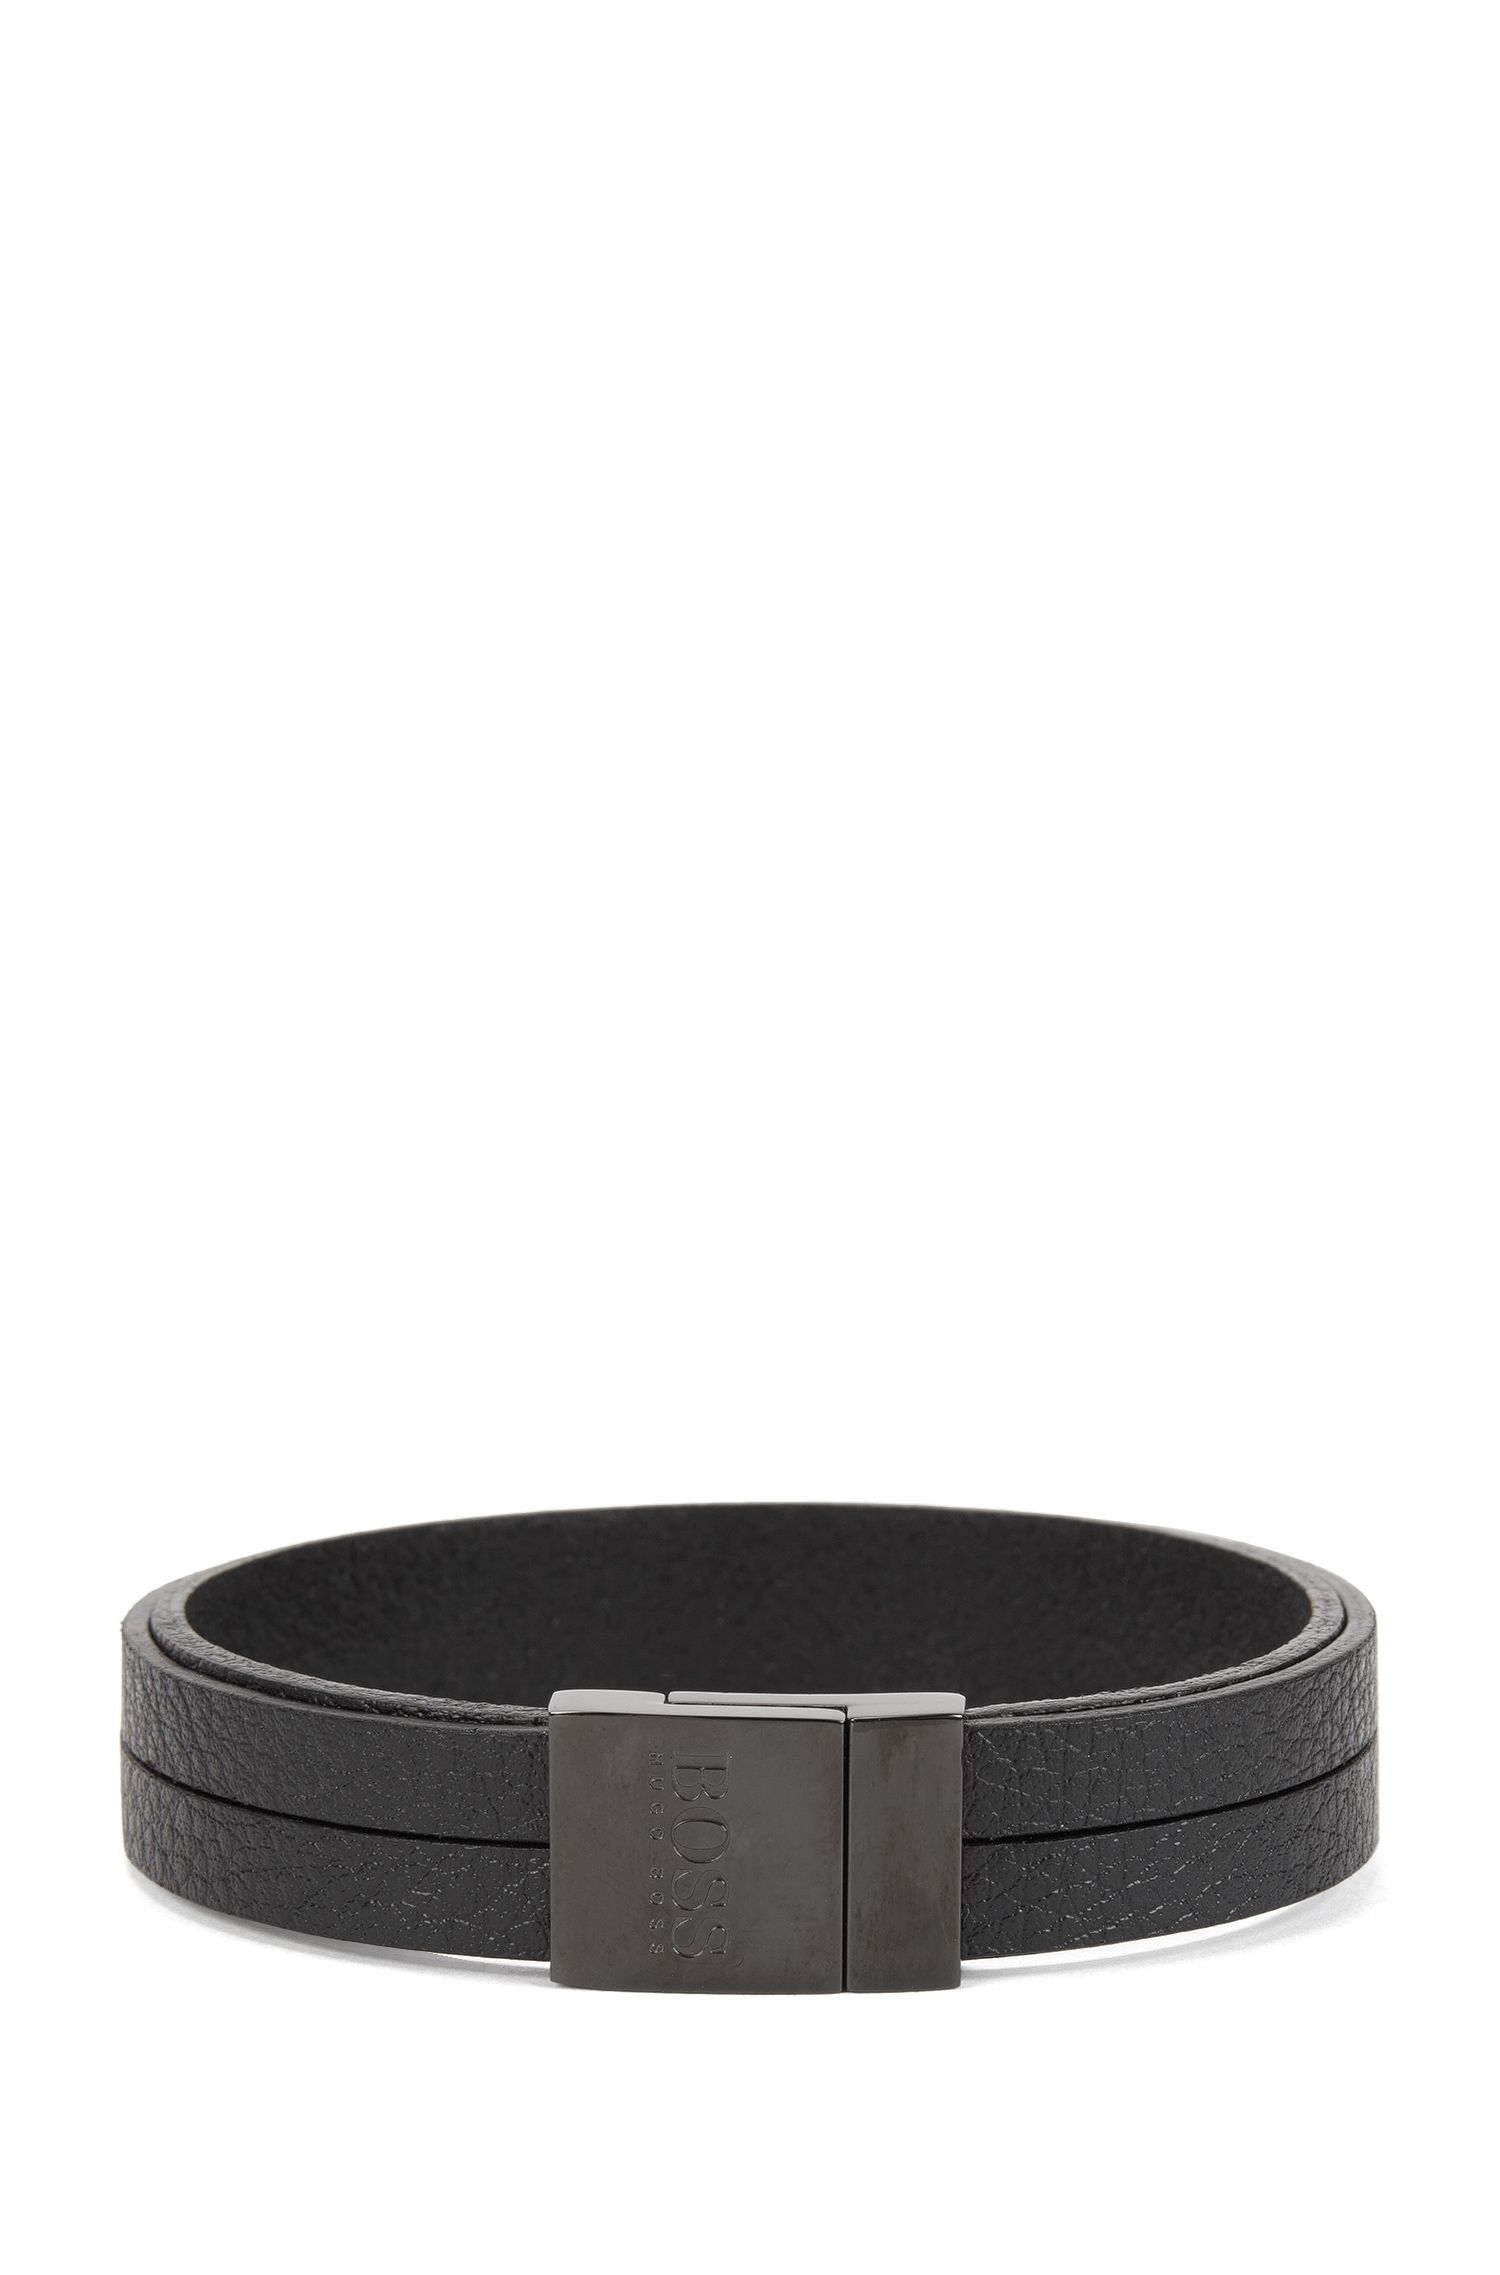 Braided Leather Bracelet | Bastiano, Black